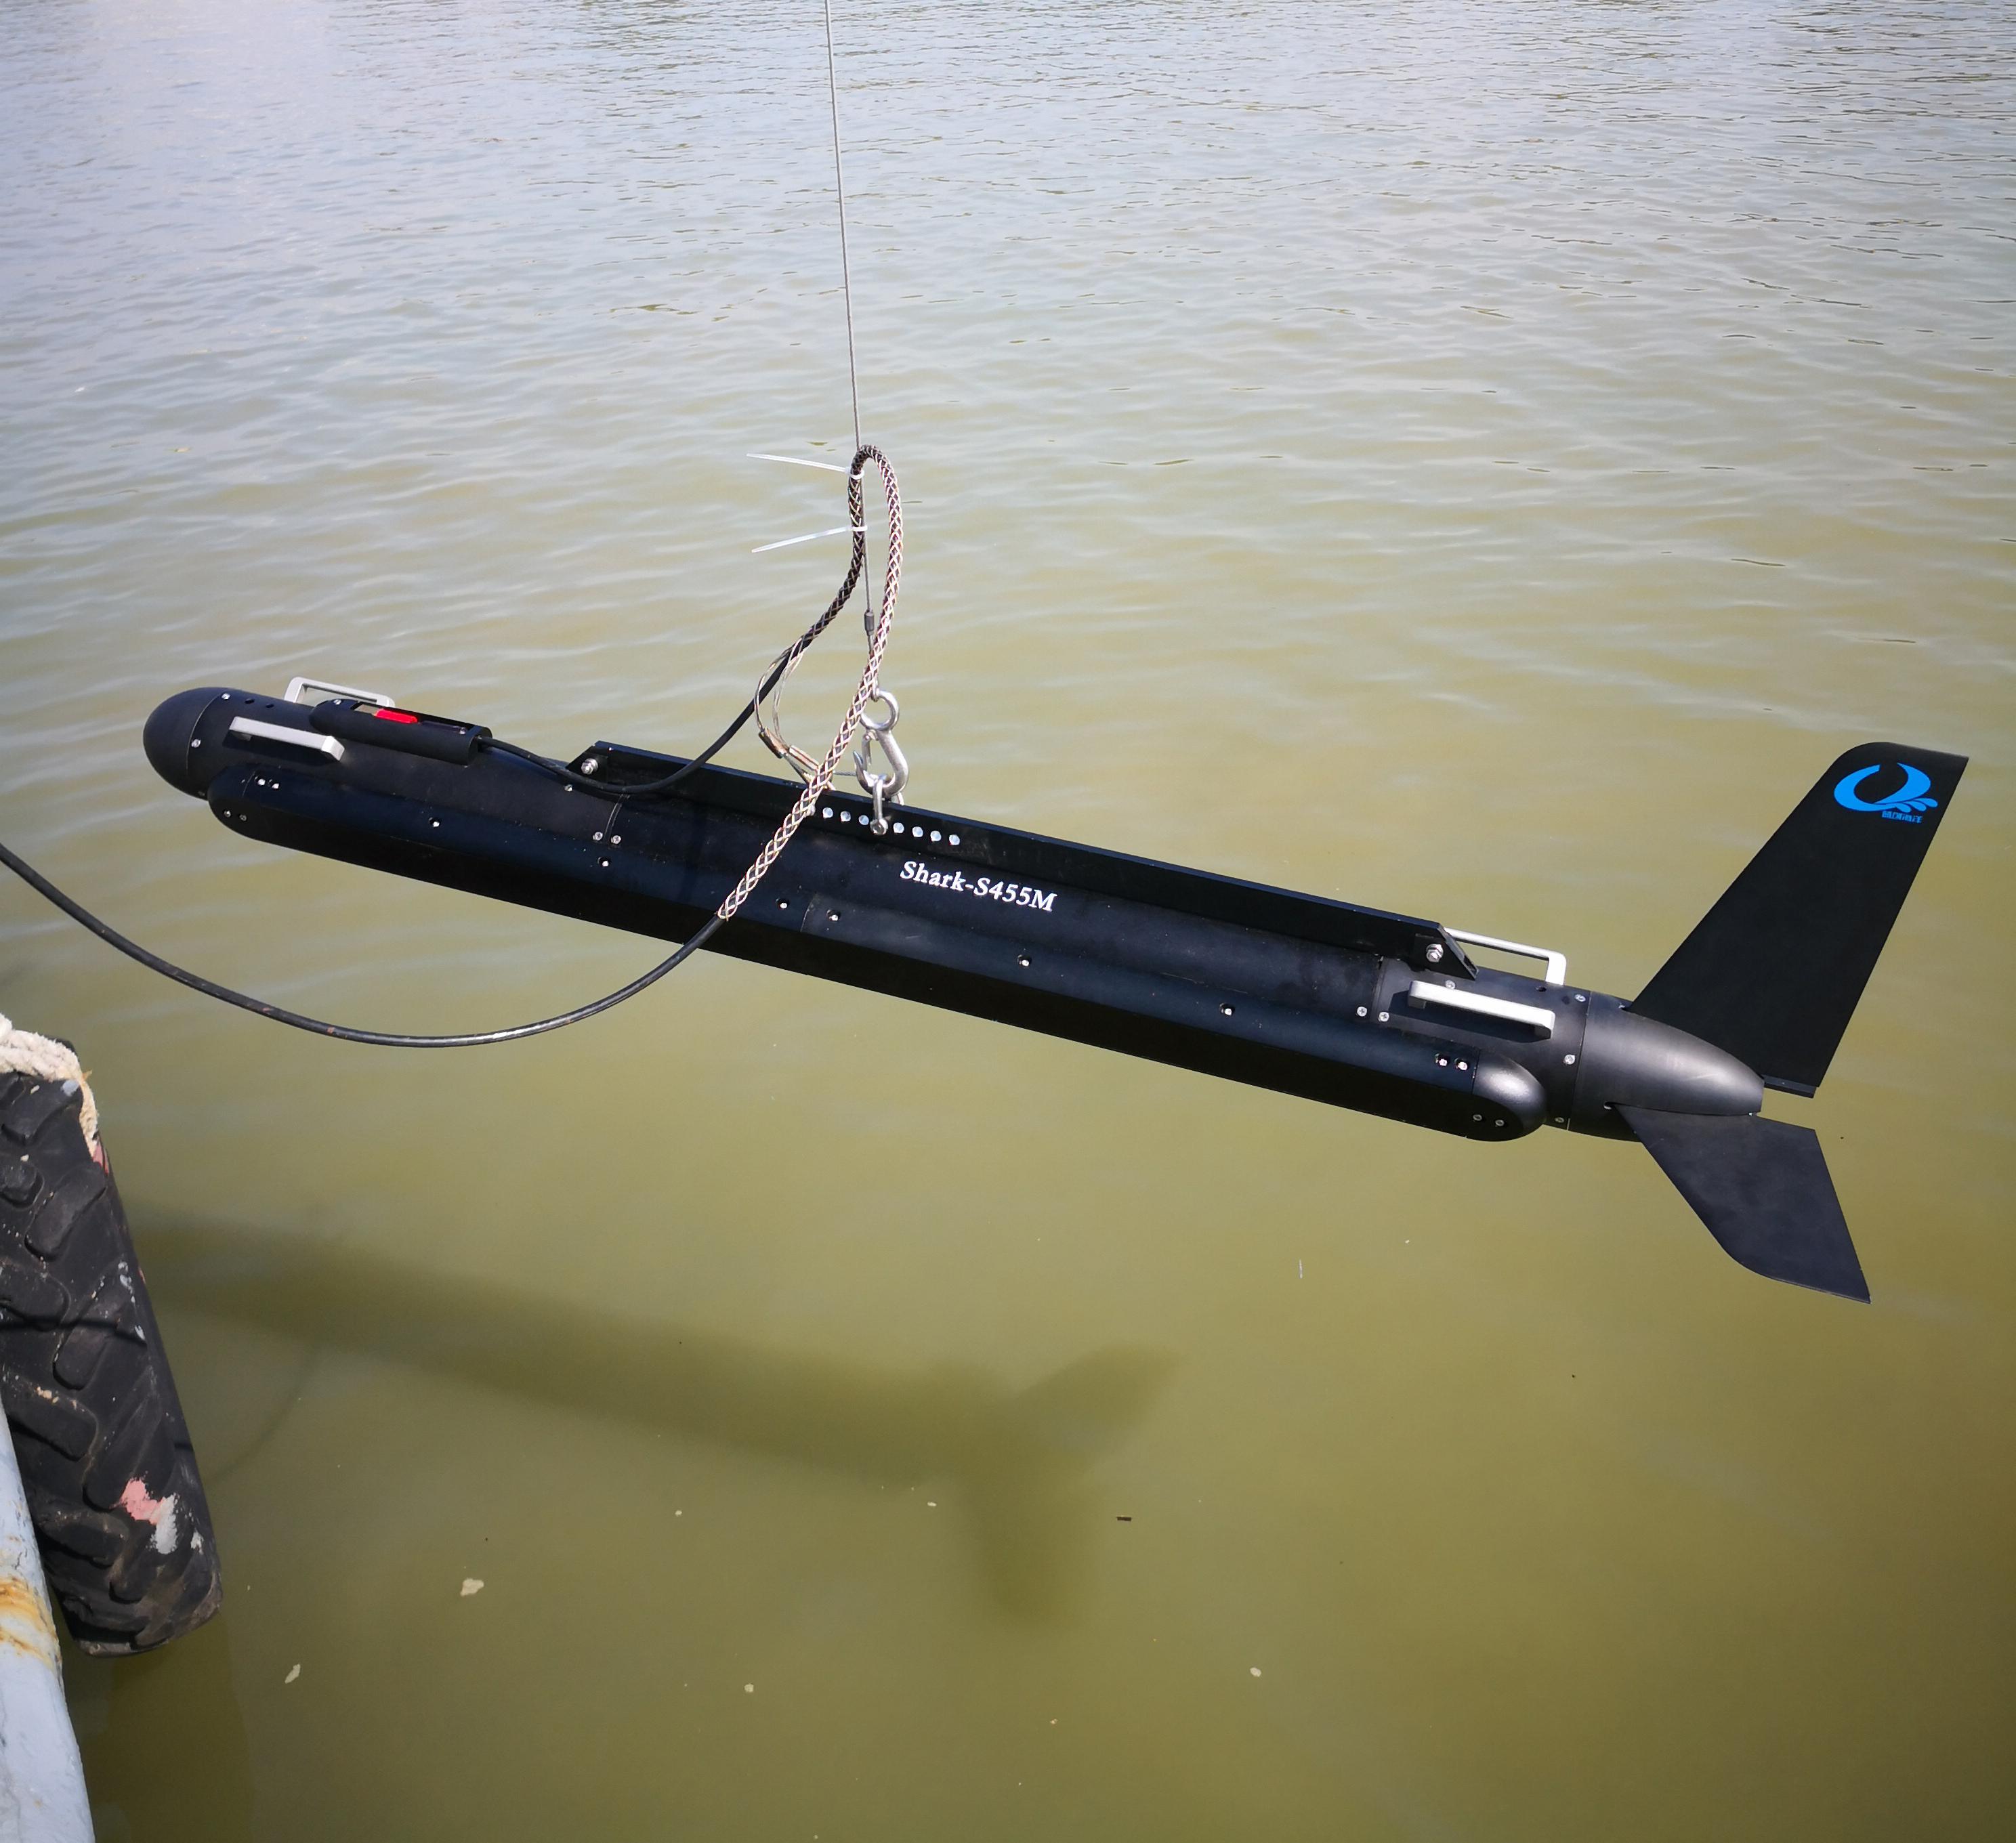 Shark-S455M Multi-beam Side Scan Sonar -Sidescan|Multibeam